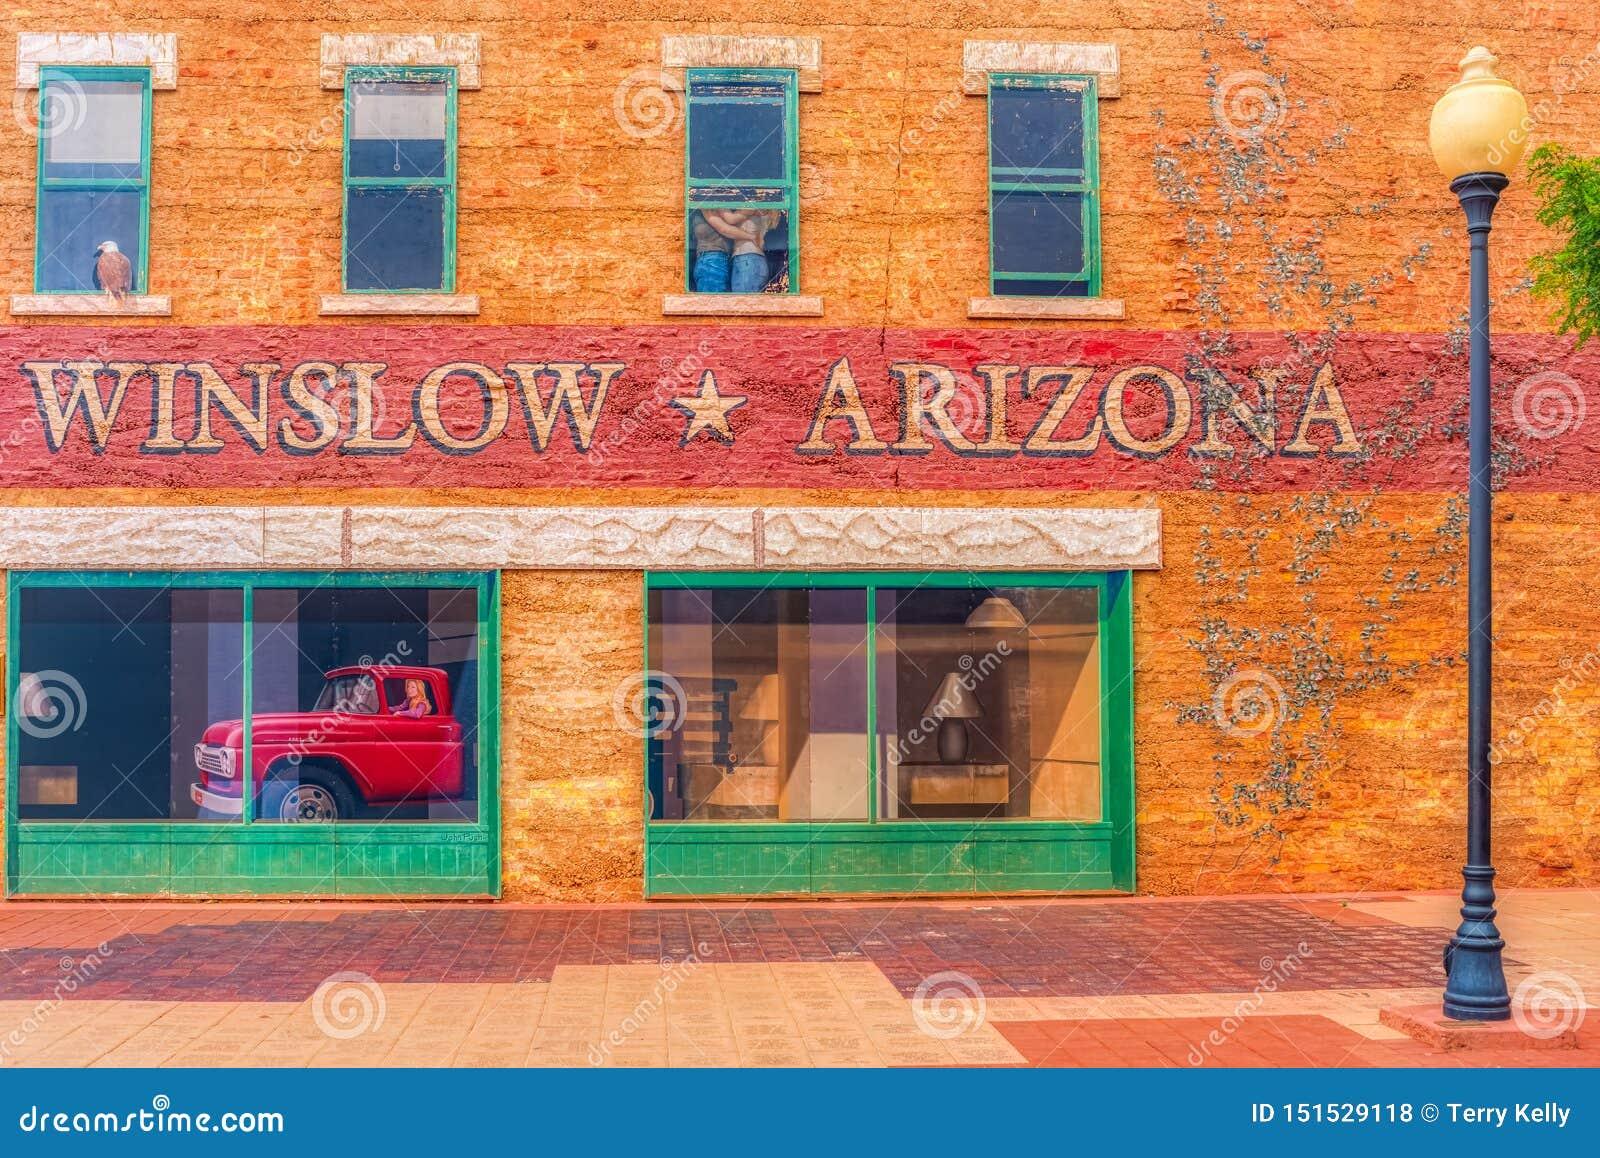 Winslow o Arizona da águia dos pares do caminhão da arte da janela